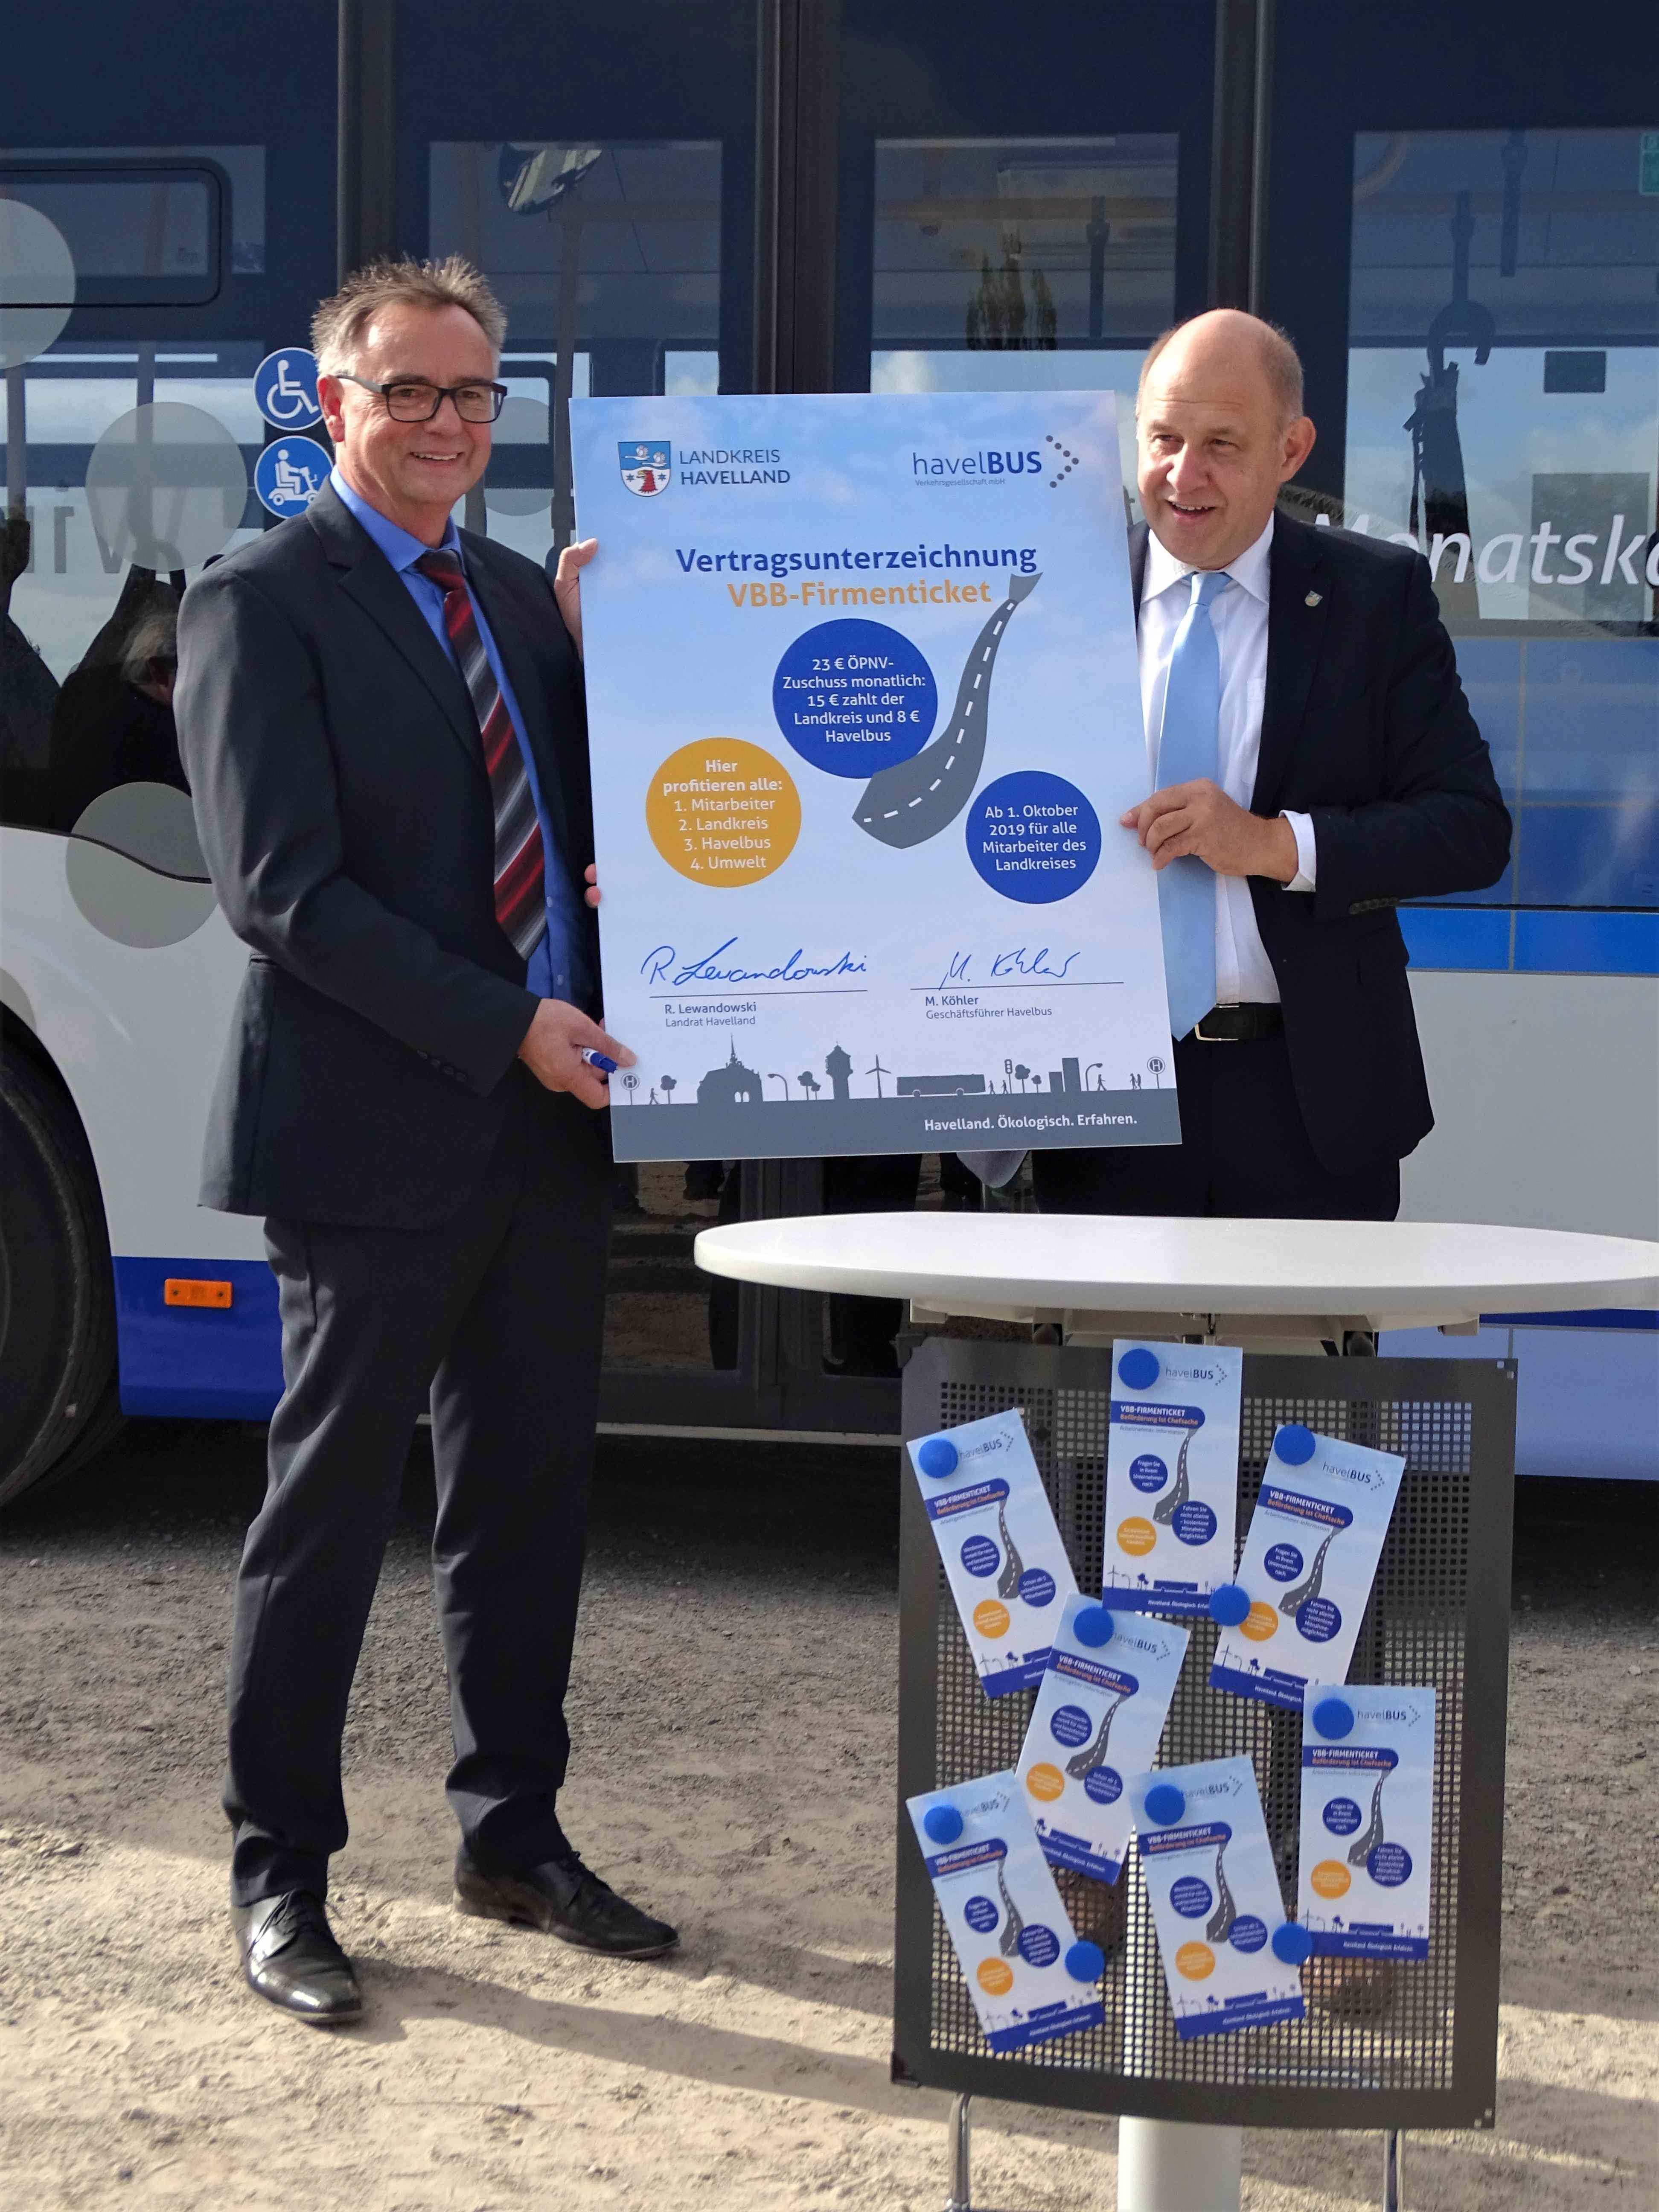 Vertragsunterzeichnung zum VBB-Firmenticket zwischen Landkreis und Havelbus